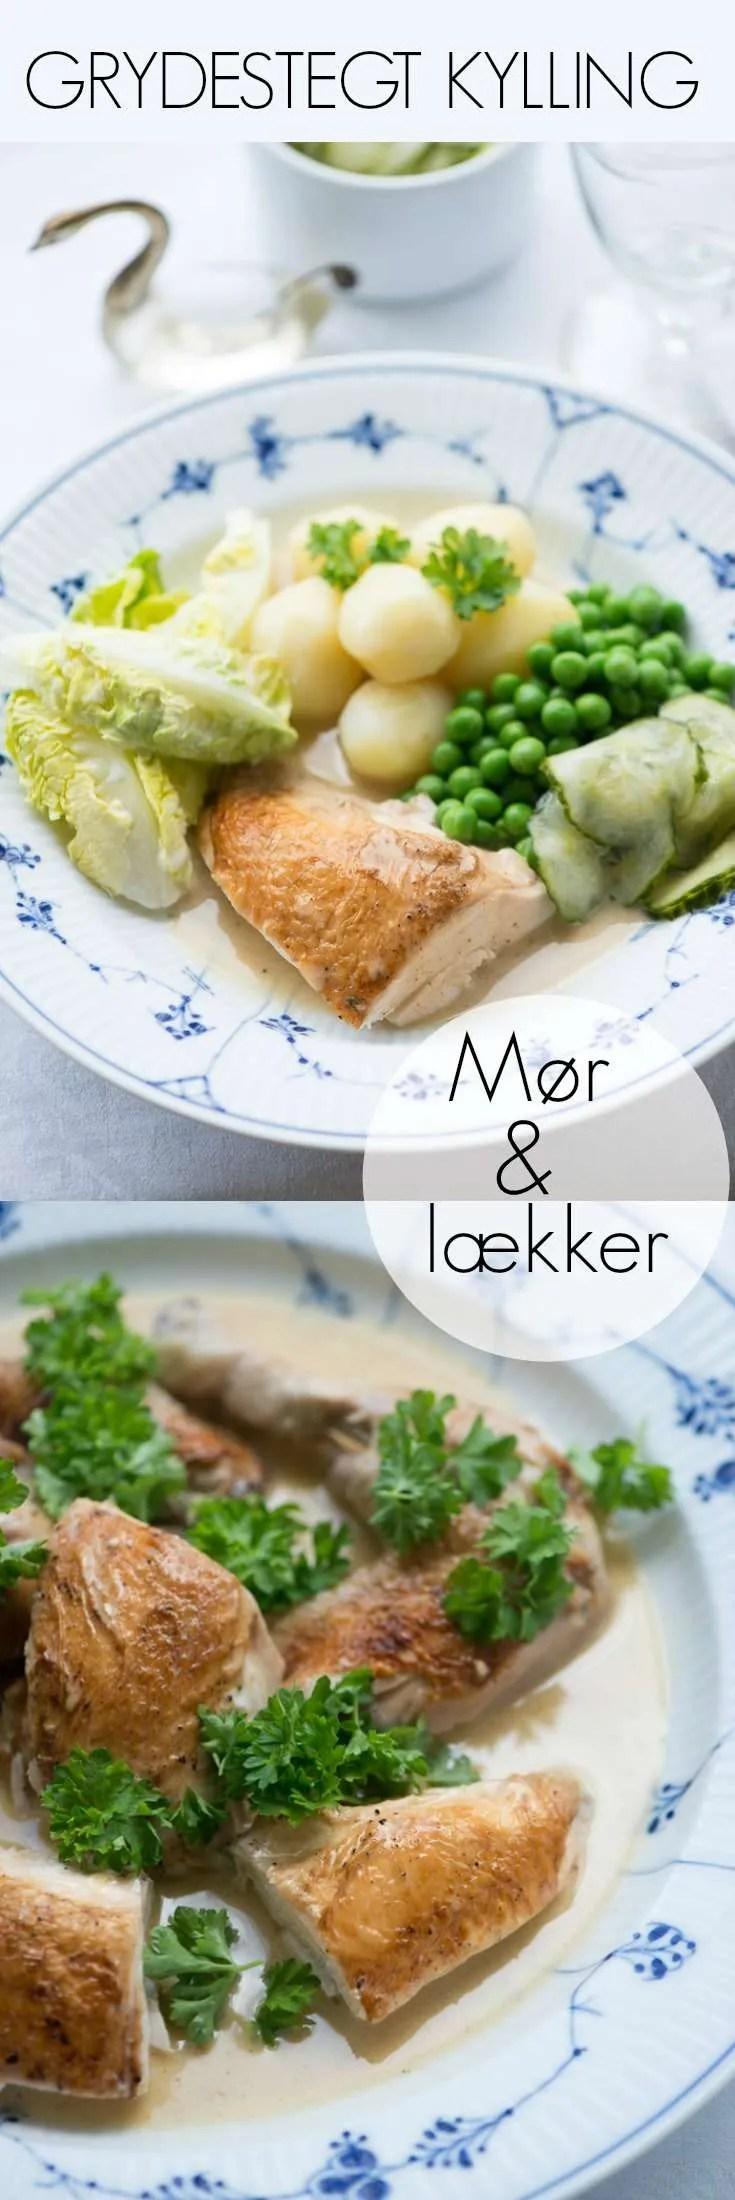 Skøn og helt klassisk opskrift på grydestegt kylling med skilt sovs og persille i maven. Sommer aftensmad når det er dejligst i Danmark.